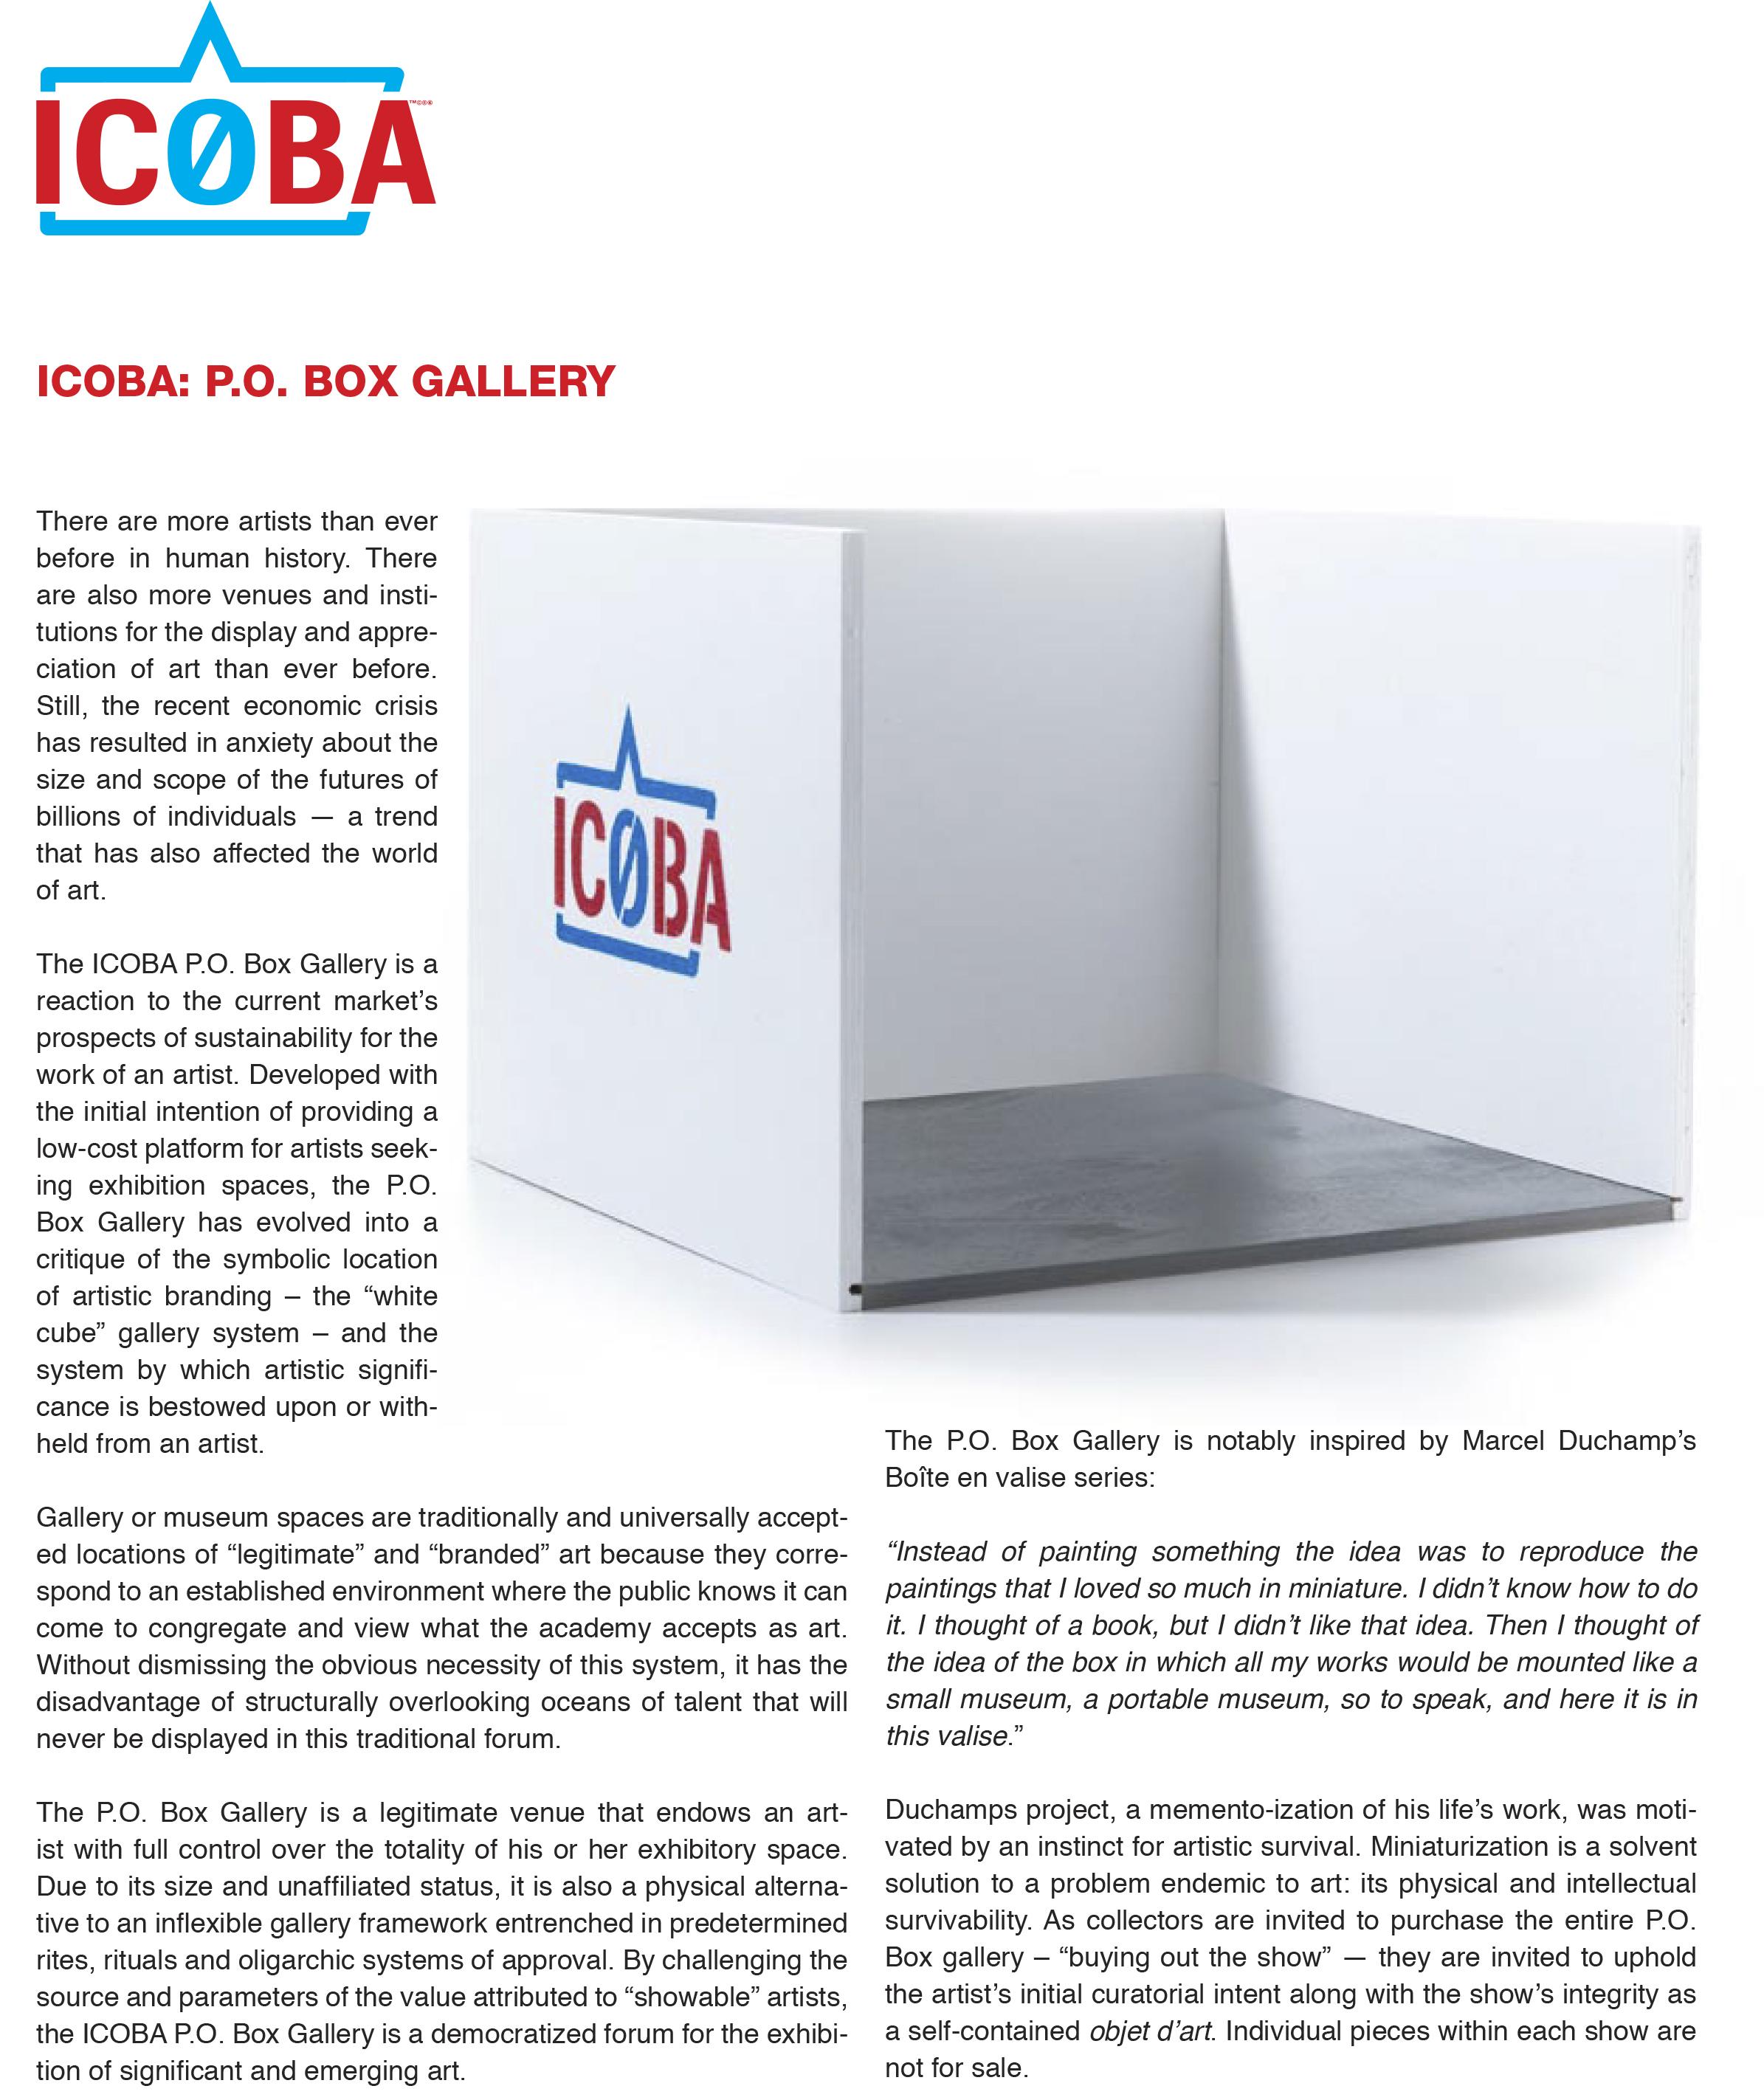 ICOBA_Press-Kit 4.jpg